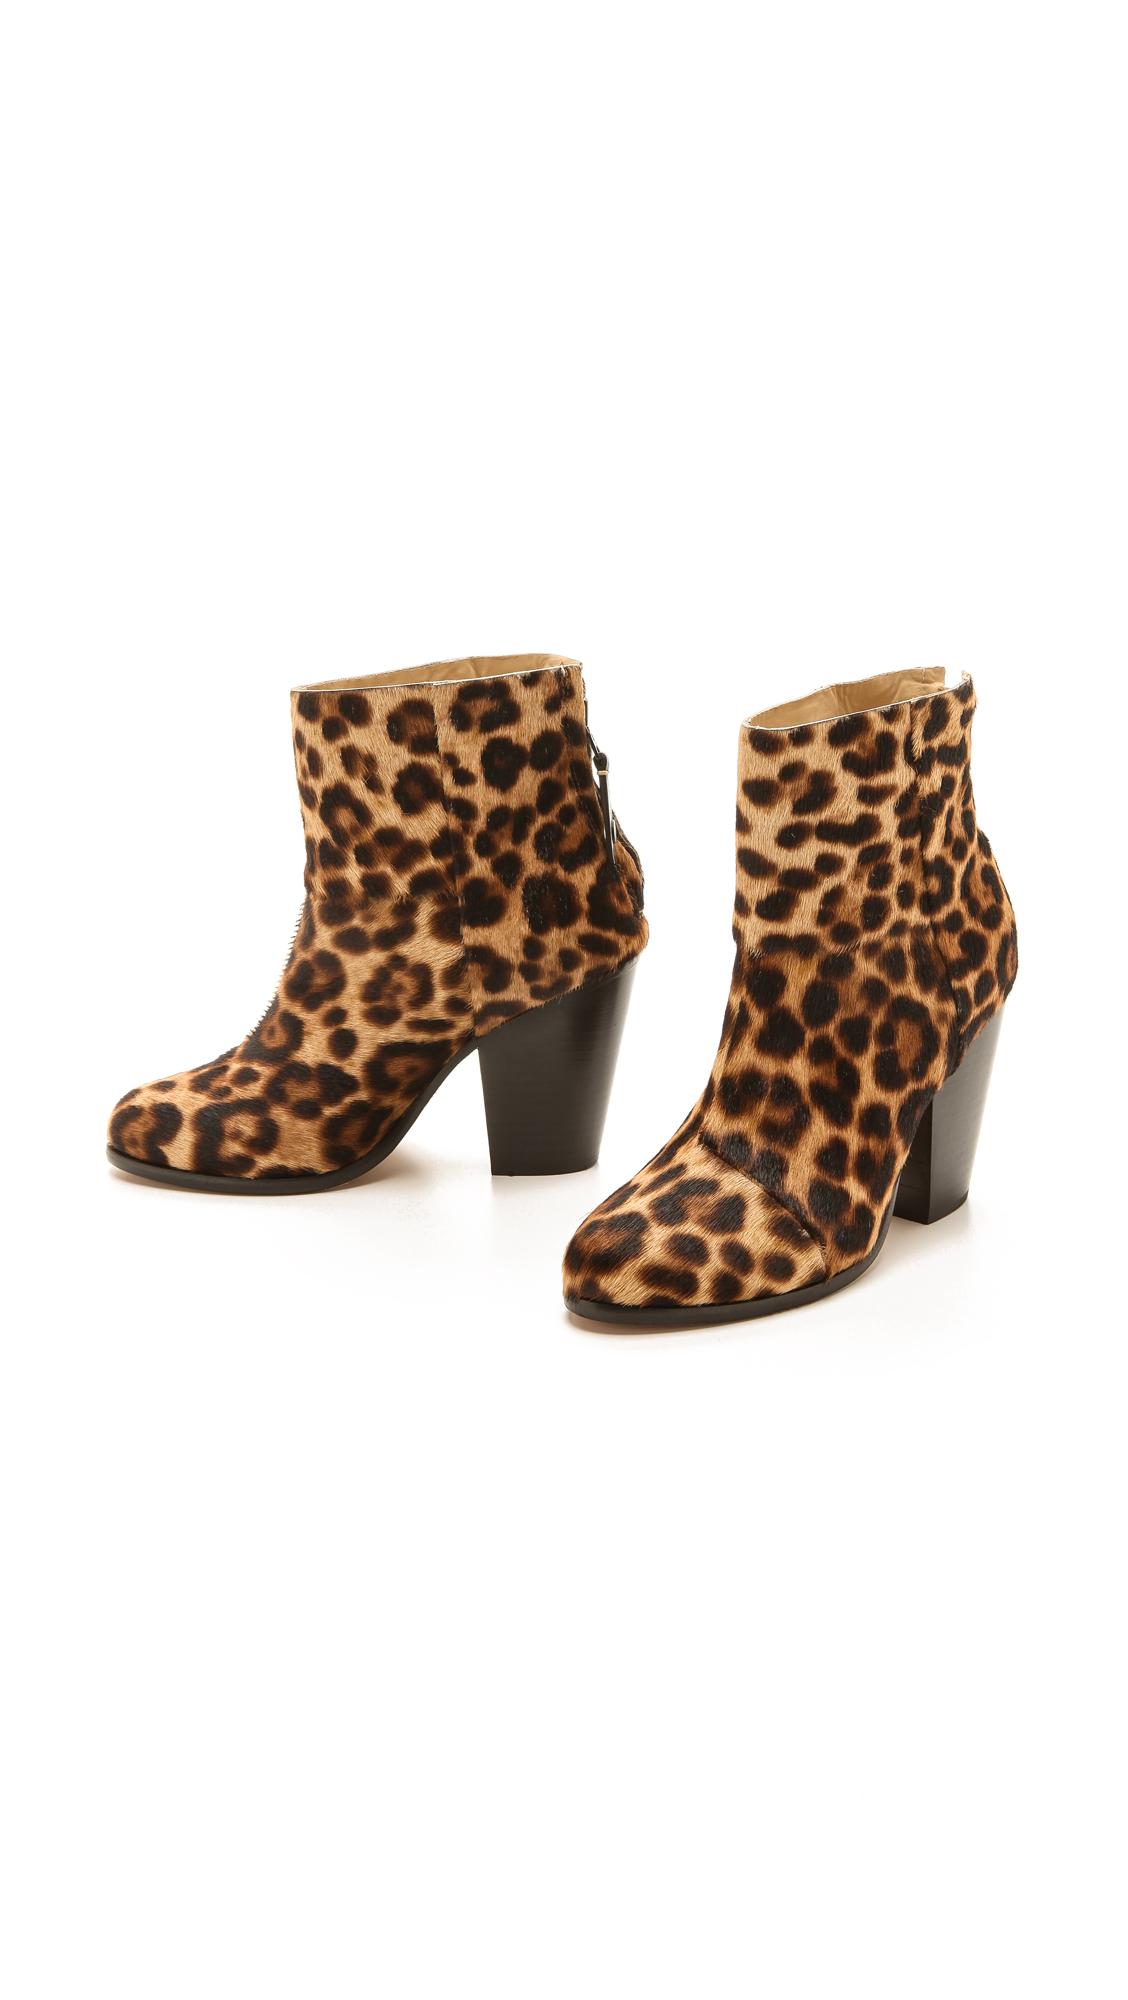 d8cf3ebed1a4 Rag Bone Newbury Leopard Print Calf Hair Ankle Boots Lyst